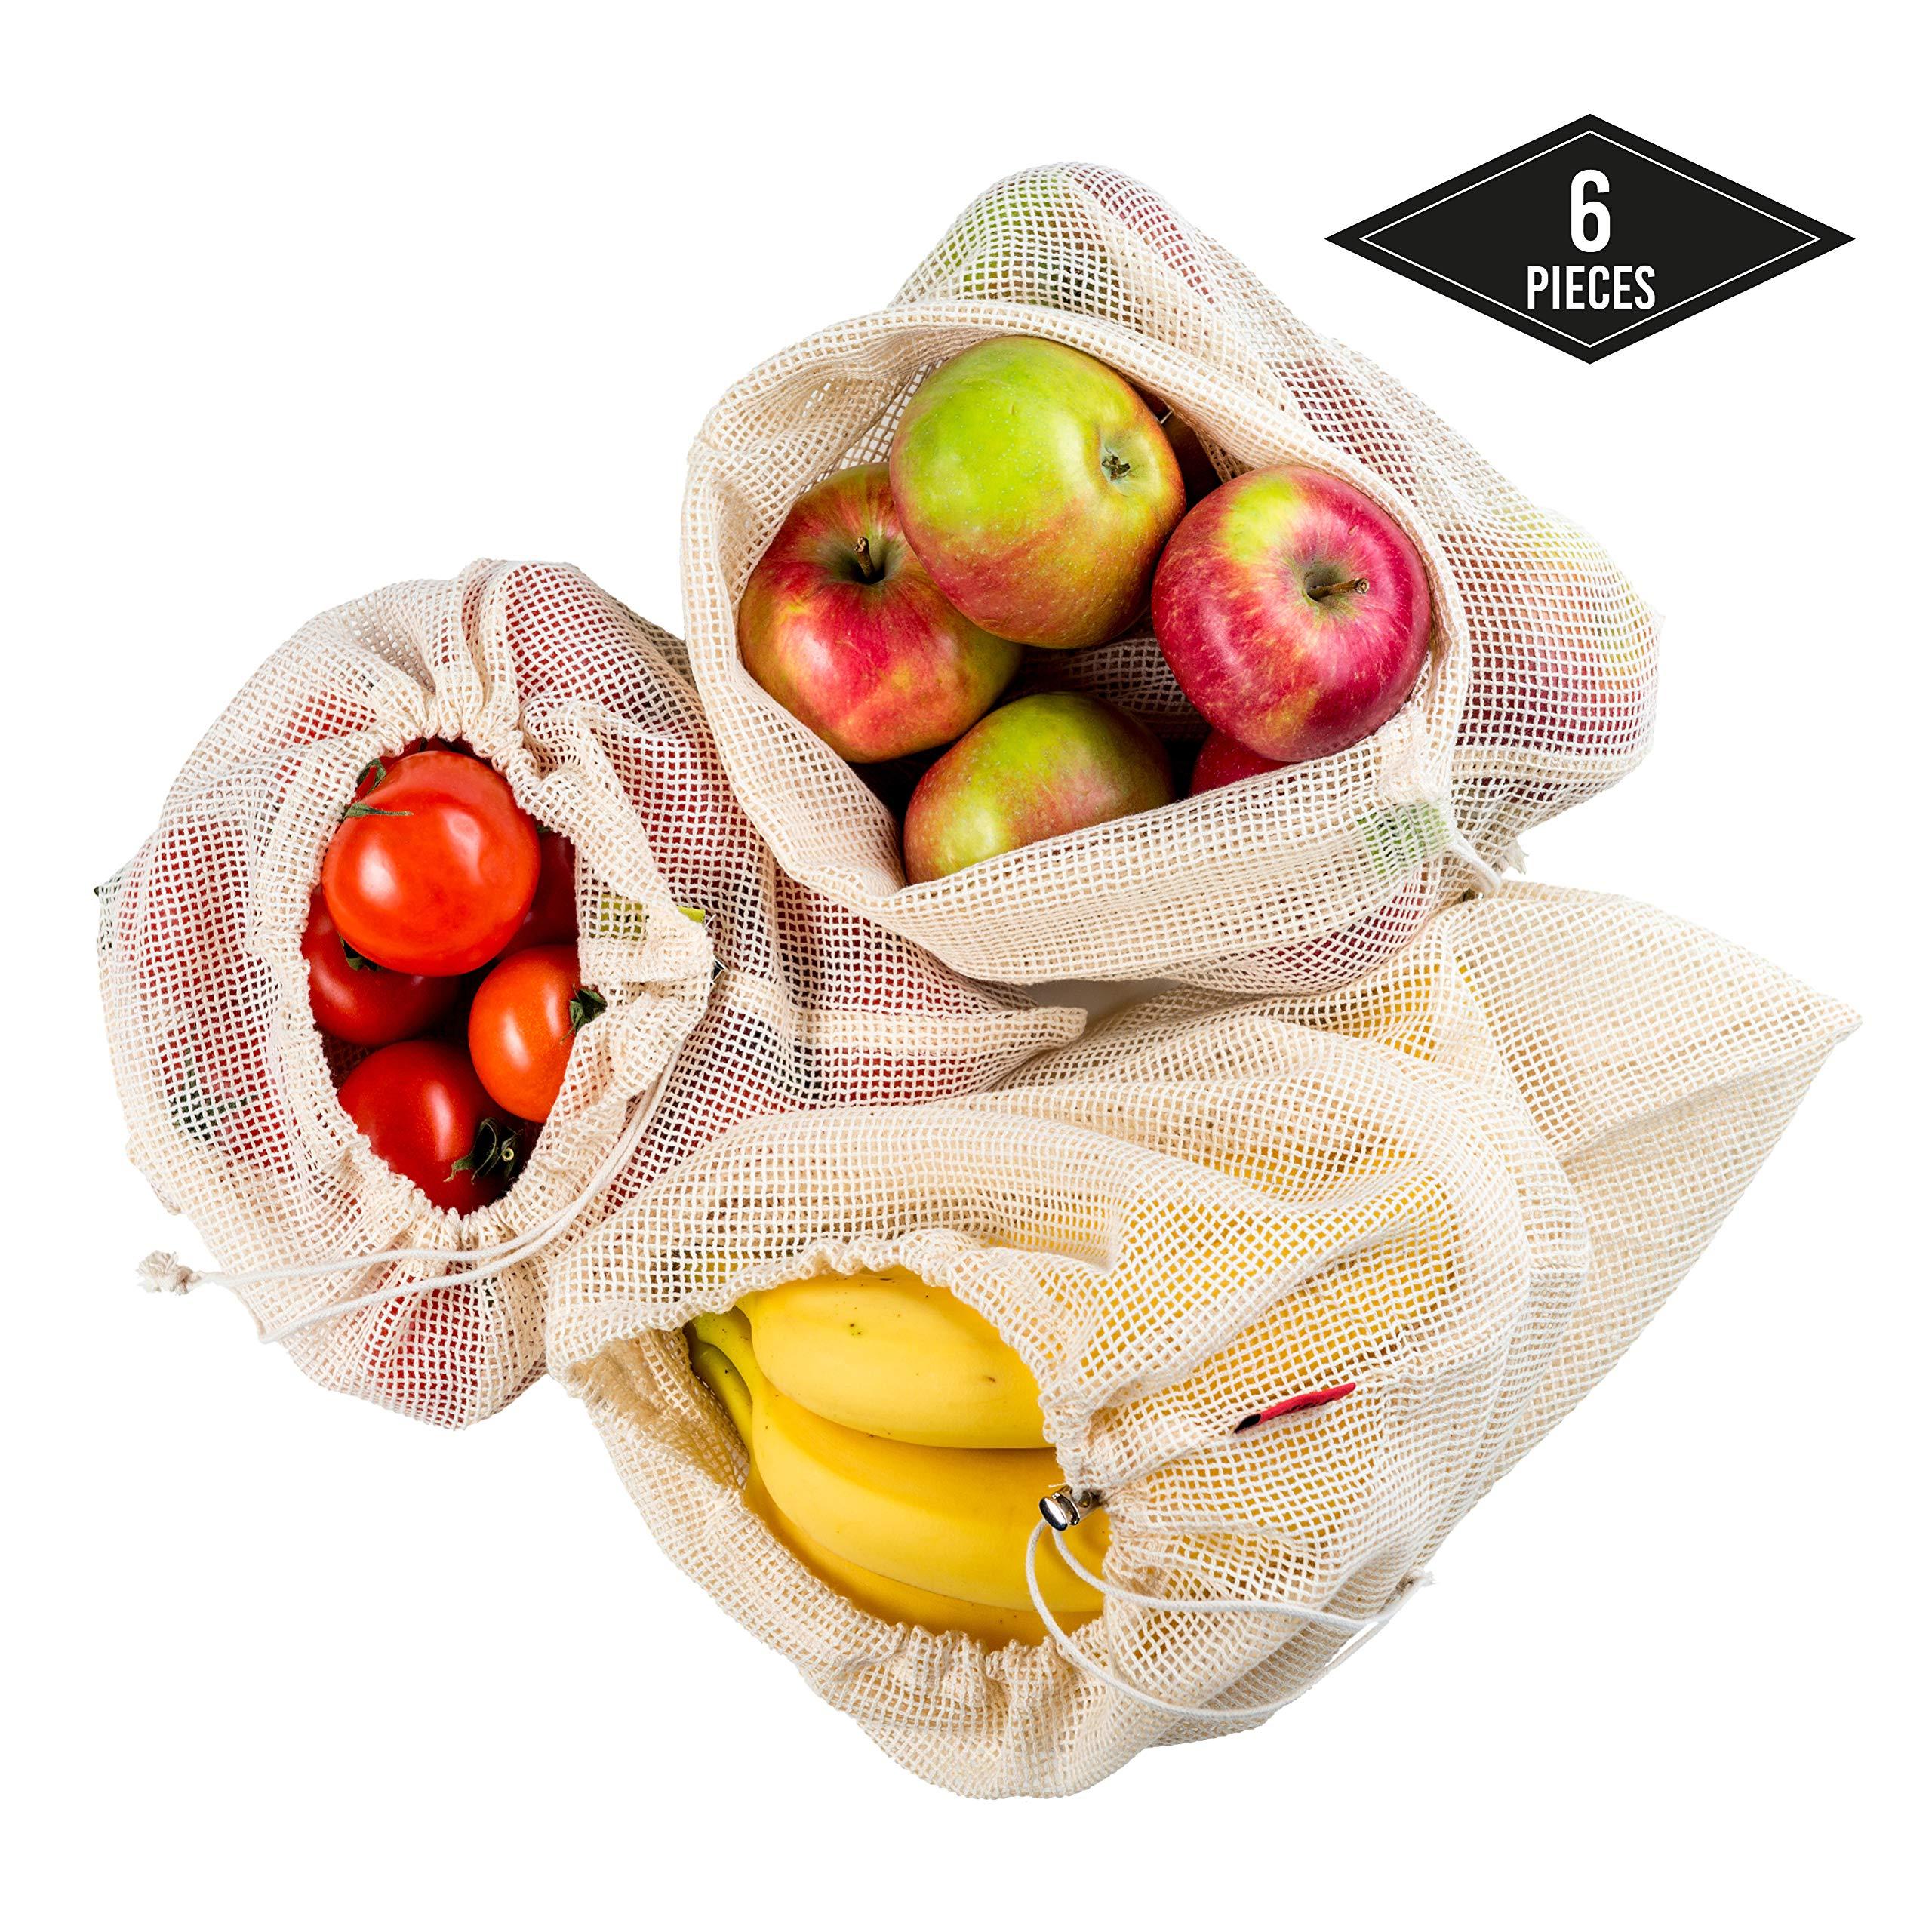 6 Bolsas de Vegetales Reutilizables (S M L) - Ecológico y Biodegradable| Transpirables, Bolsas de Malla de 100% Algodón - Robusto, Lavable y Durable, Bolsas de Frutas y Vegetales.: Amazon.es: Hogar